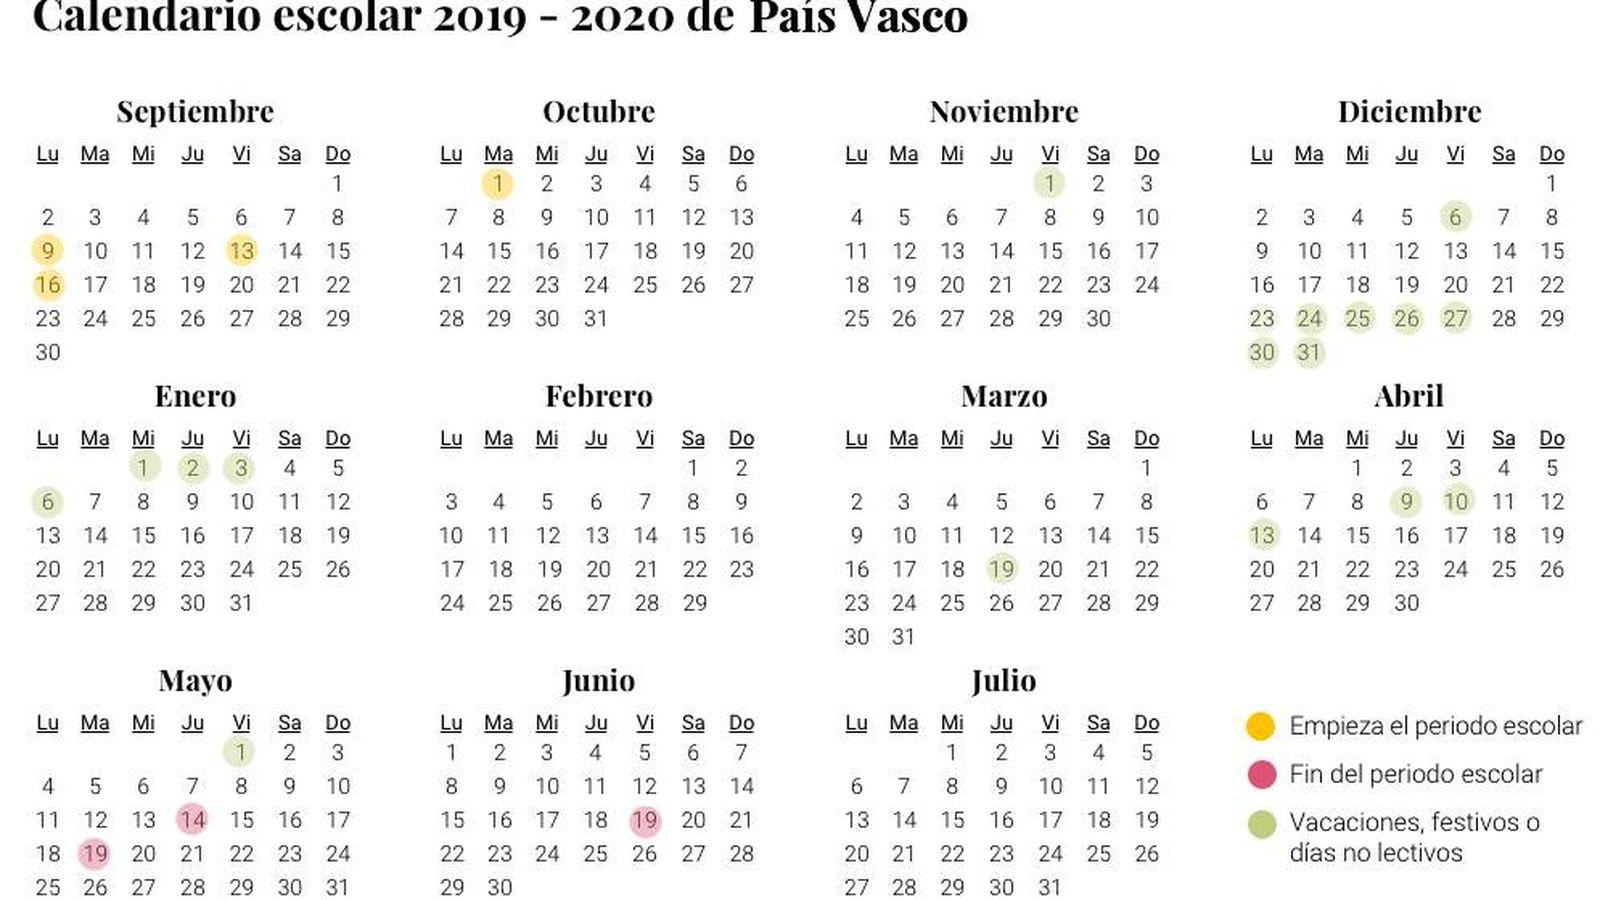 Calendario Escolar 2020 Las Palmas.Calendario Escolar De 2019 2020 En Pais Vasco Vacaciones Y